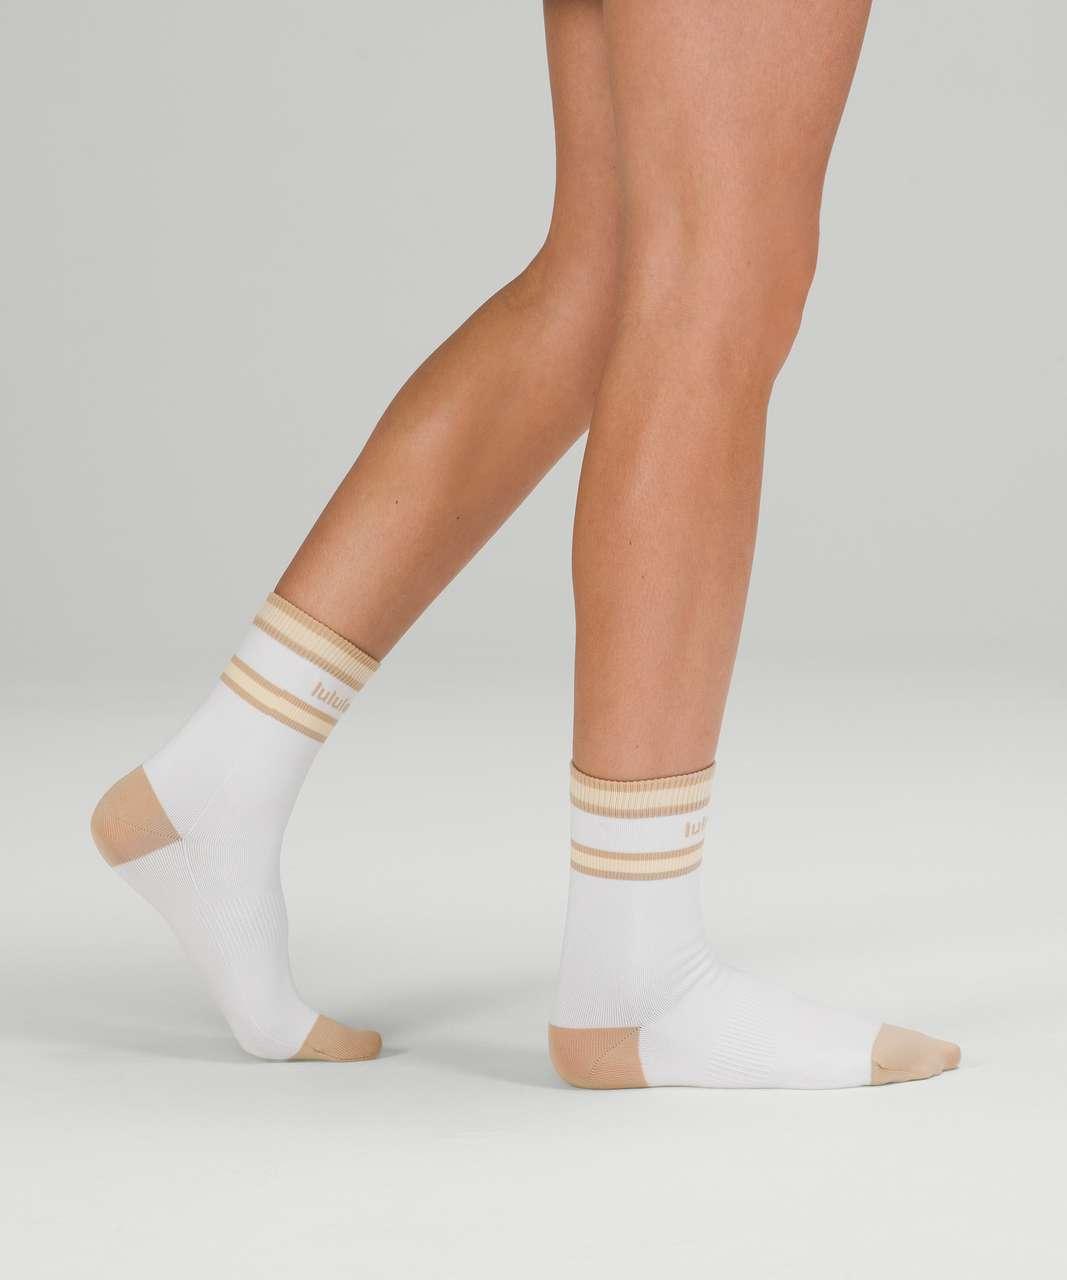 Lululemon Tale To Tell Quarter Sock*2 Pack - White / Trench / Lemon Chiffon